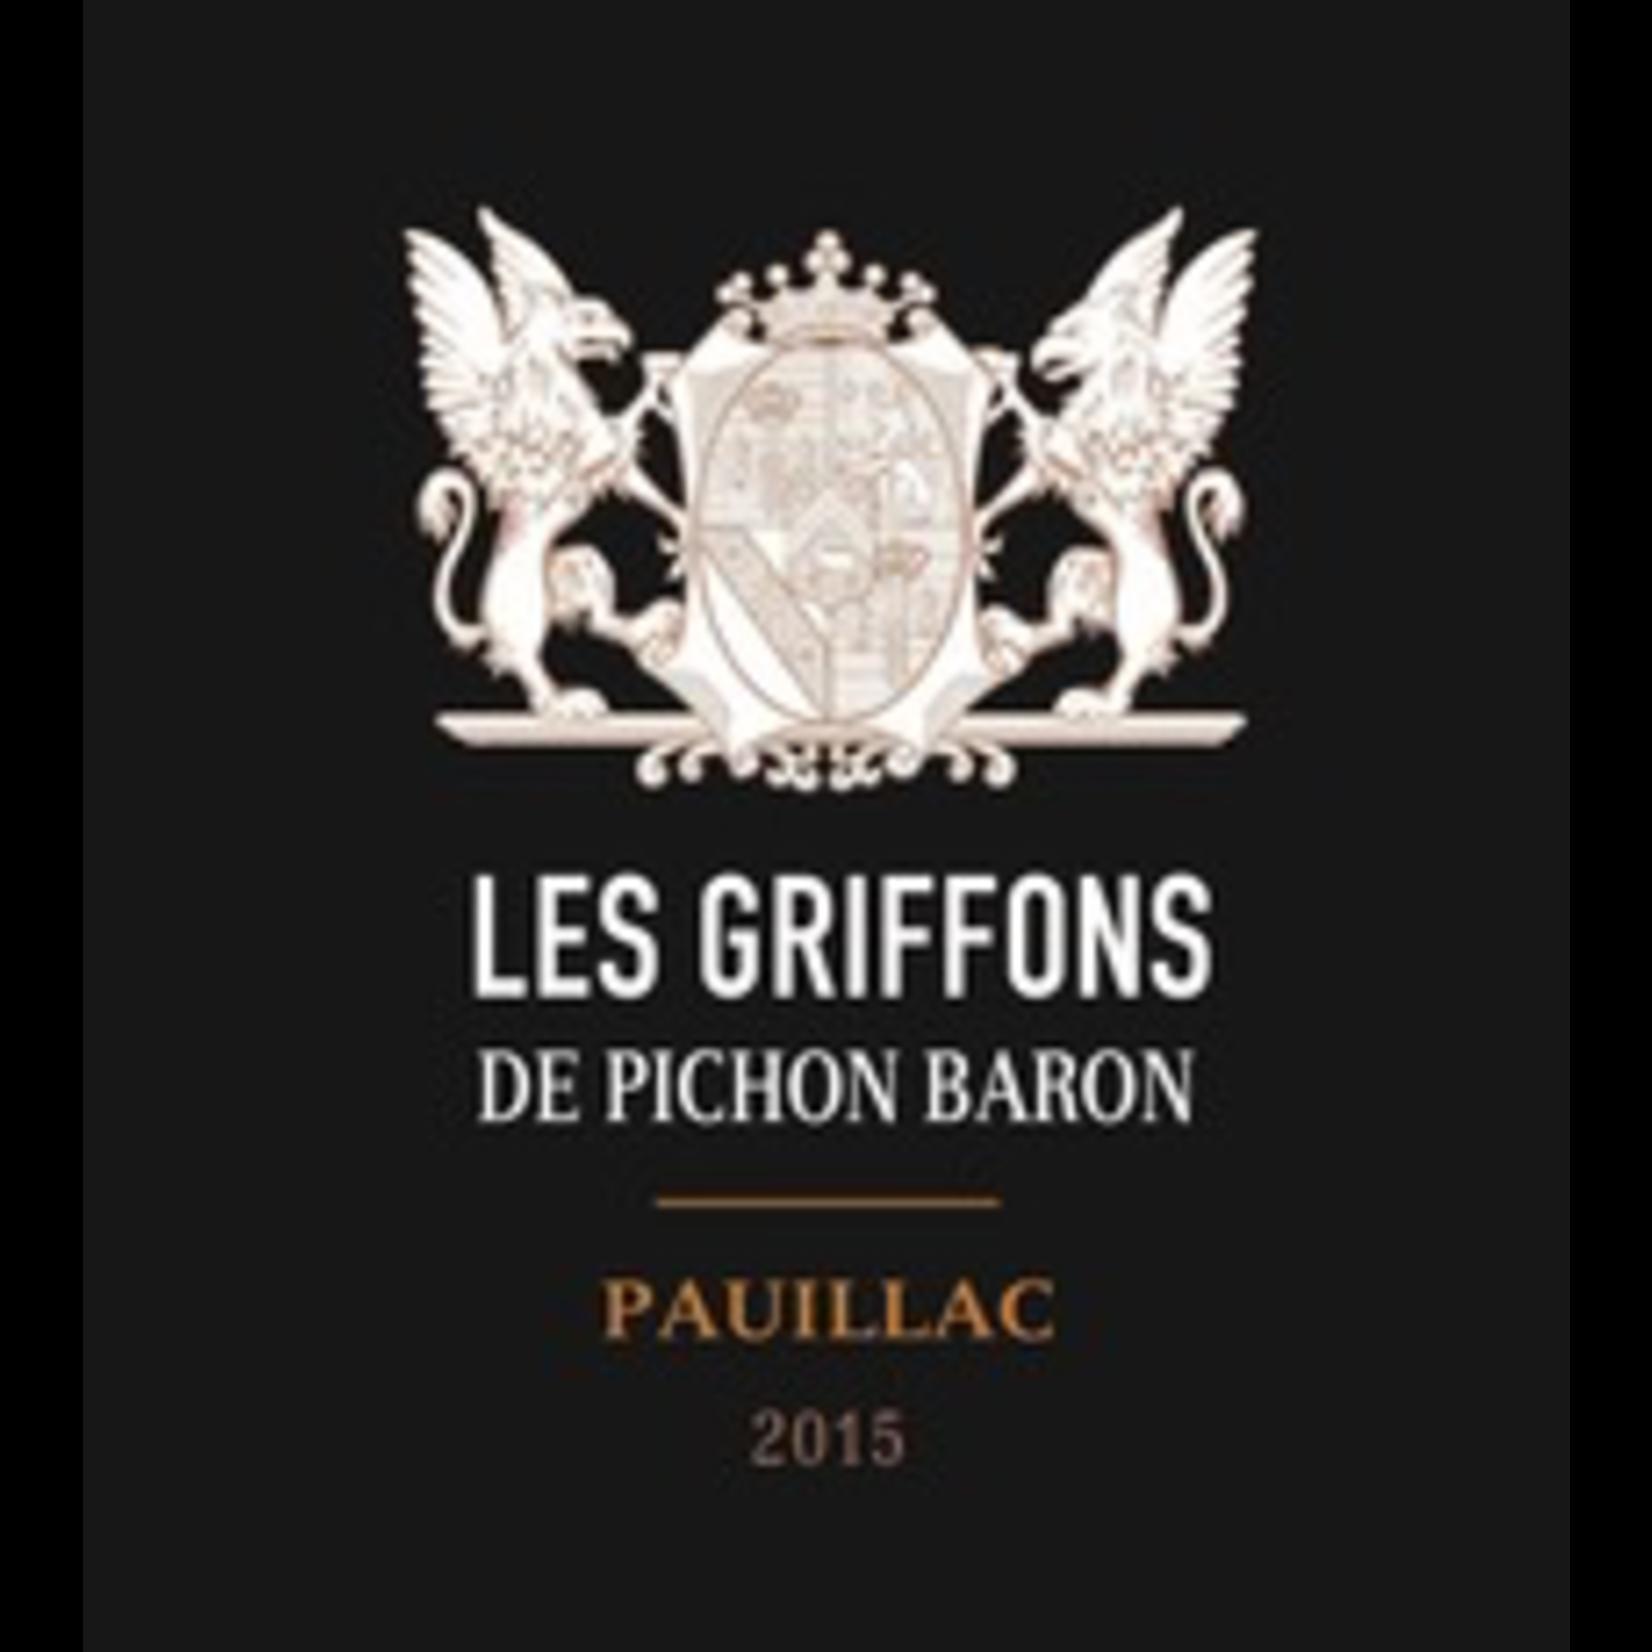 Chateau Pichon Baron Griffons de Pichon Baron 2015